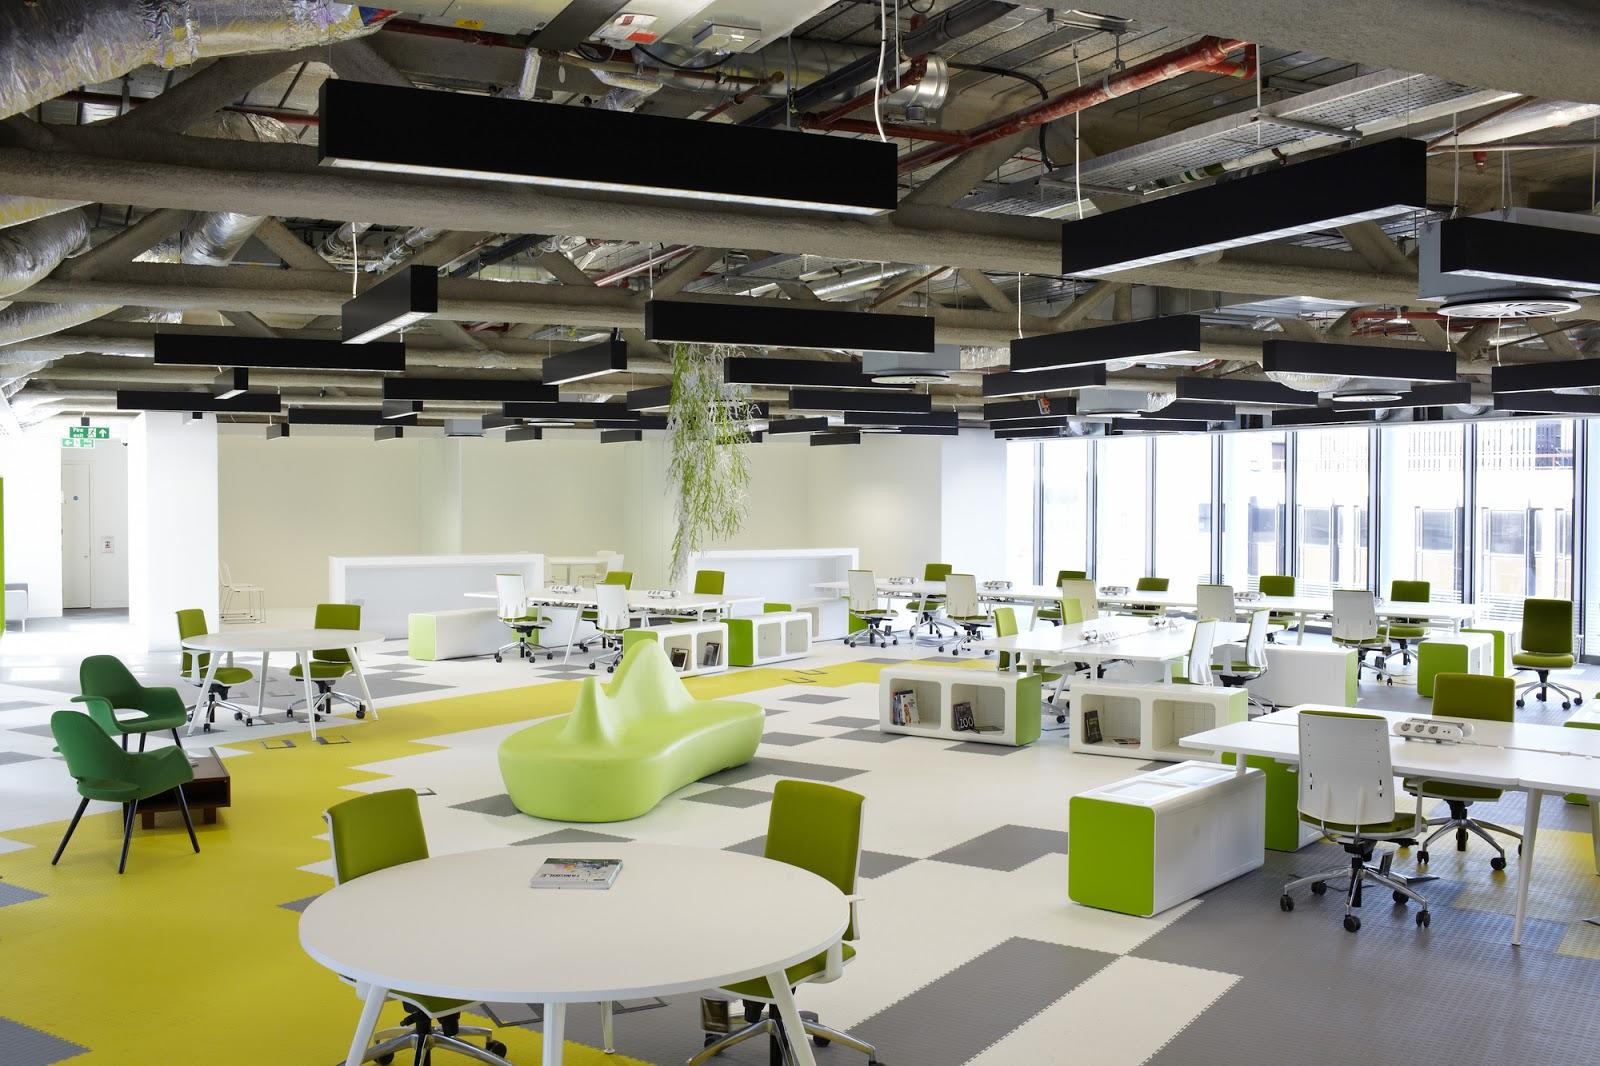 Thiết kế văn phòng bằng dạng công nghệ cao được trang trí bằng trần tường chính với gam màu ưa thích.